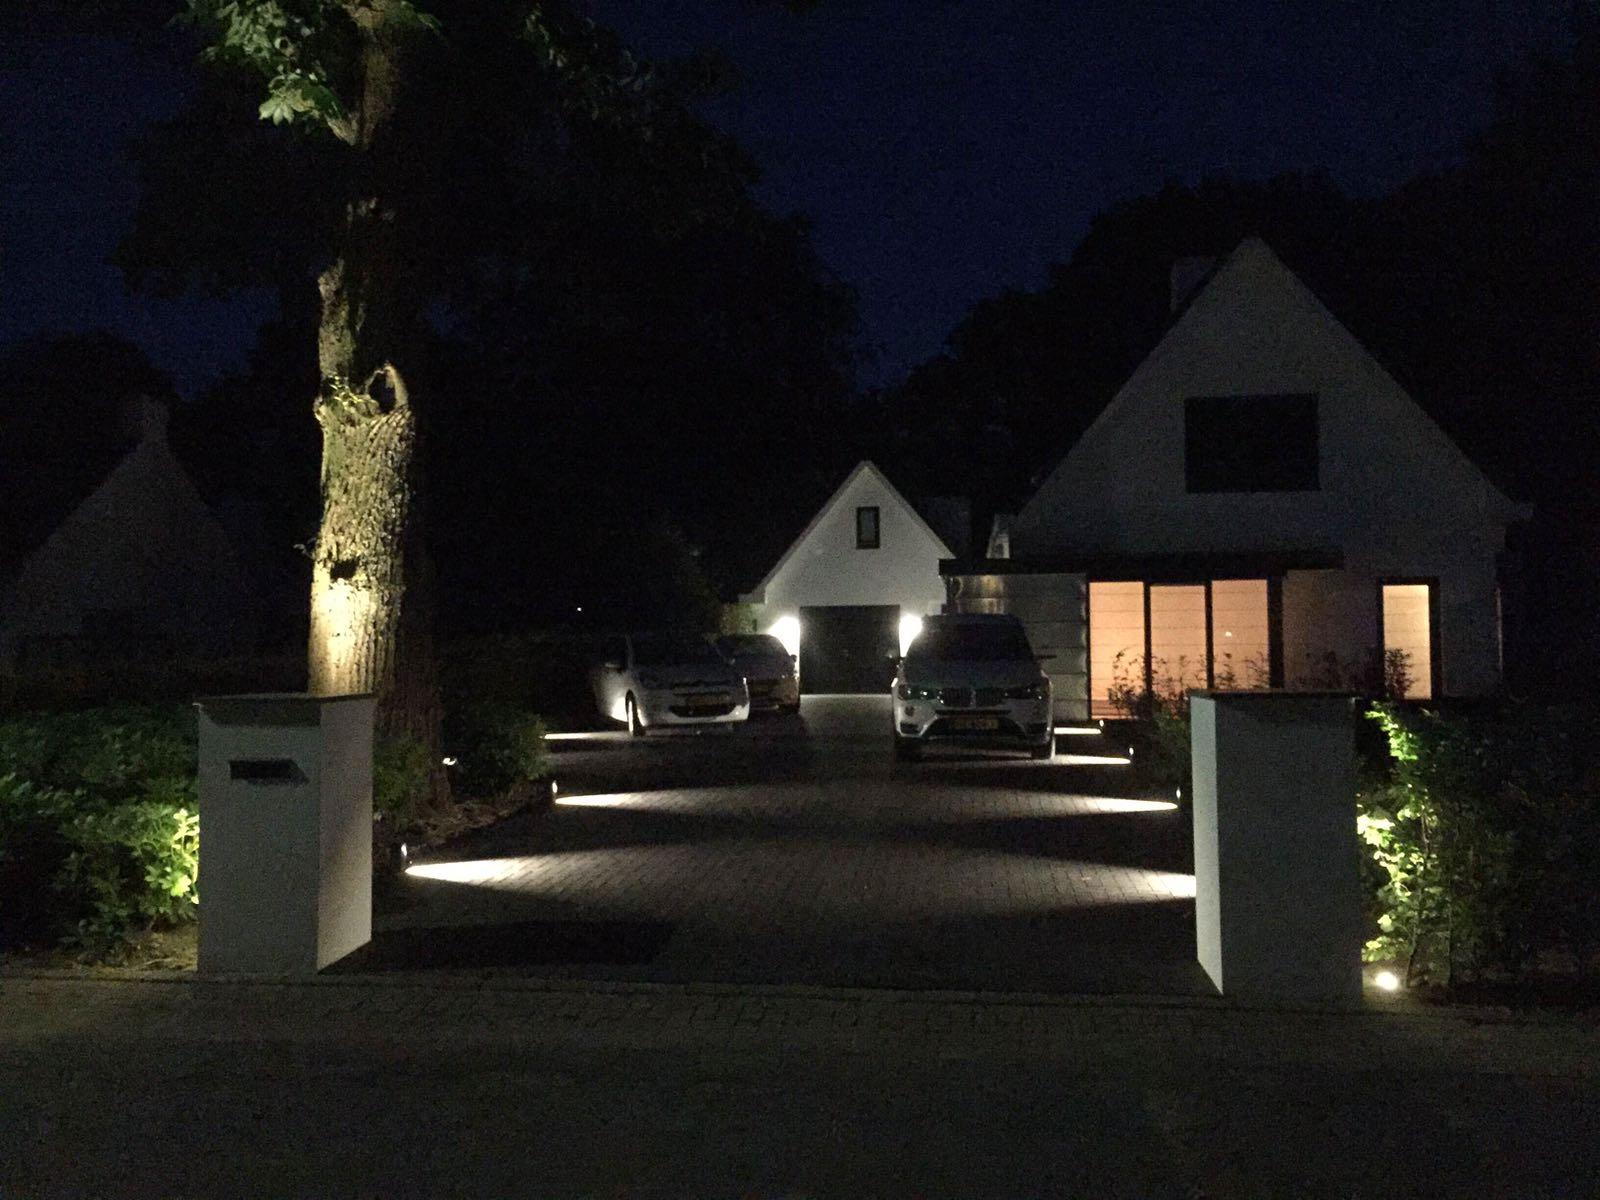 Oprit verlicht met Ace - Van Wijk Sierbestrating